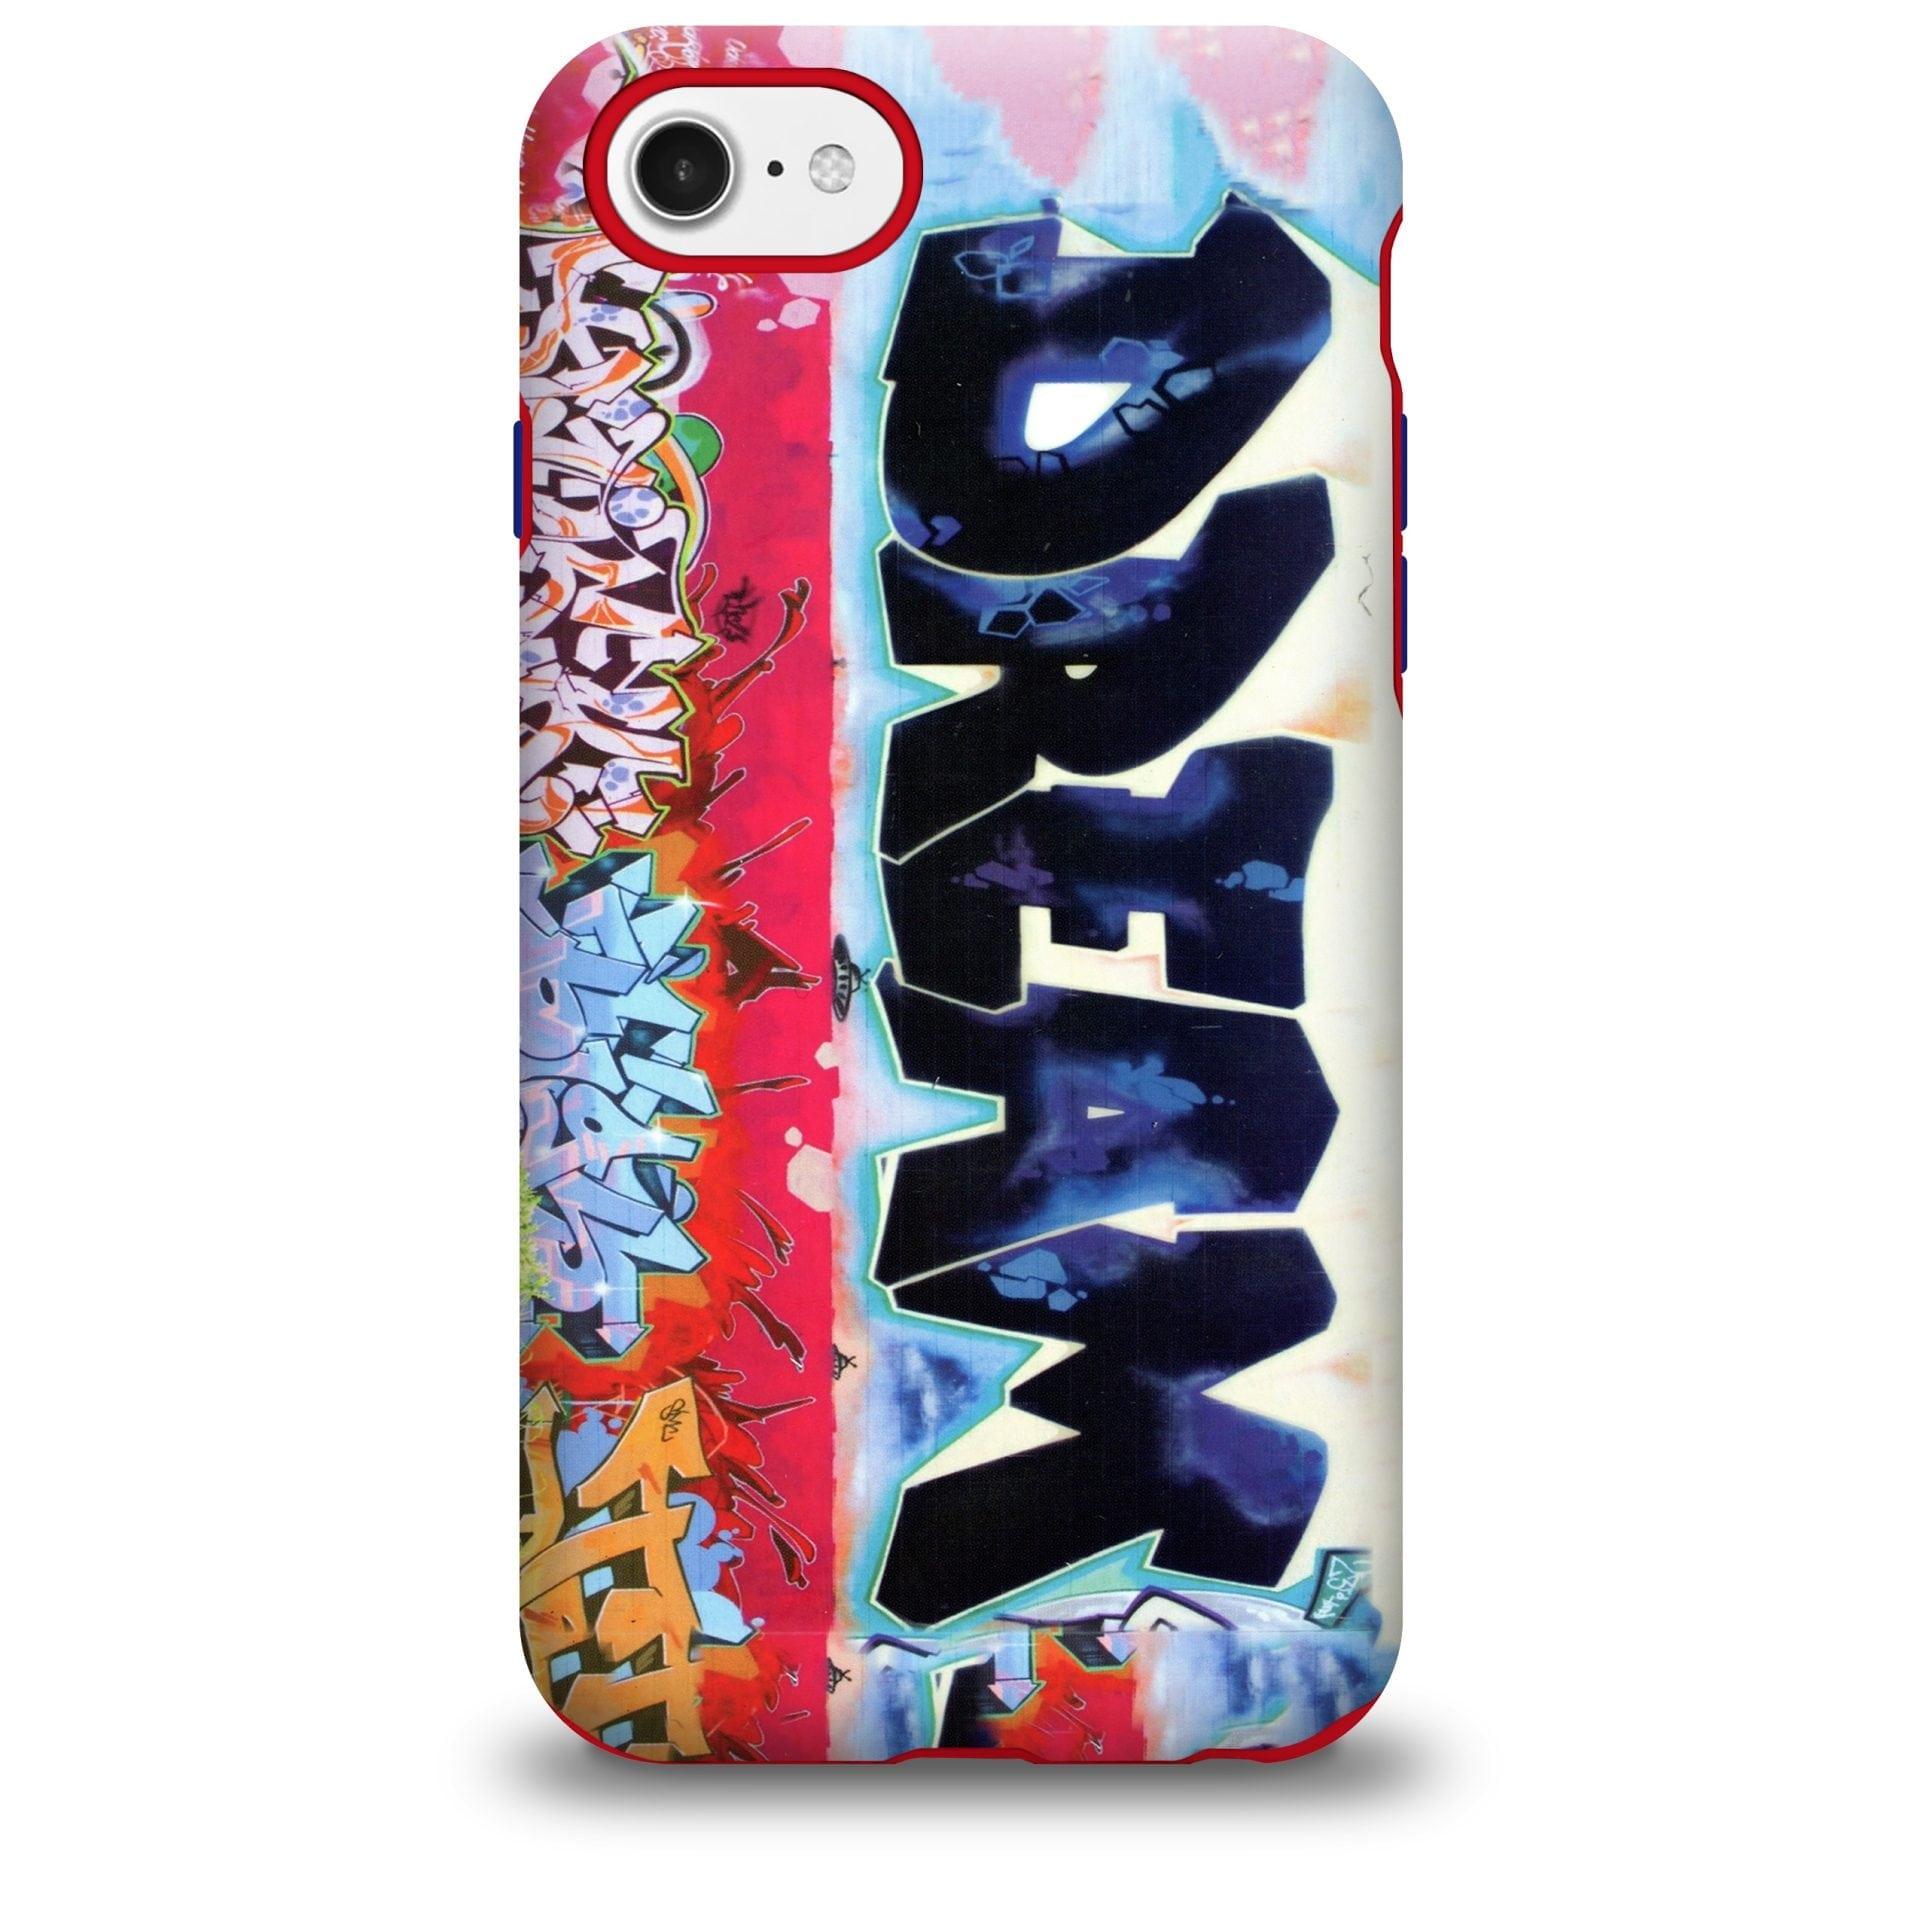 iphone 8 case graffiti